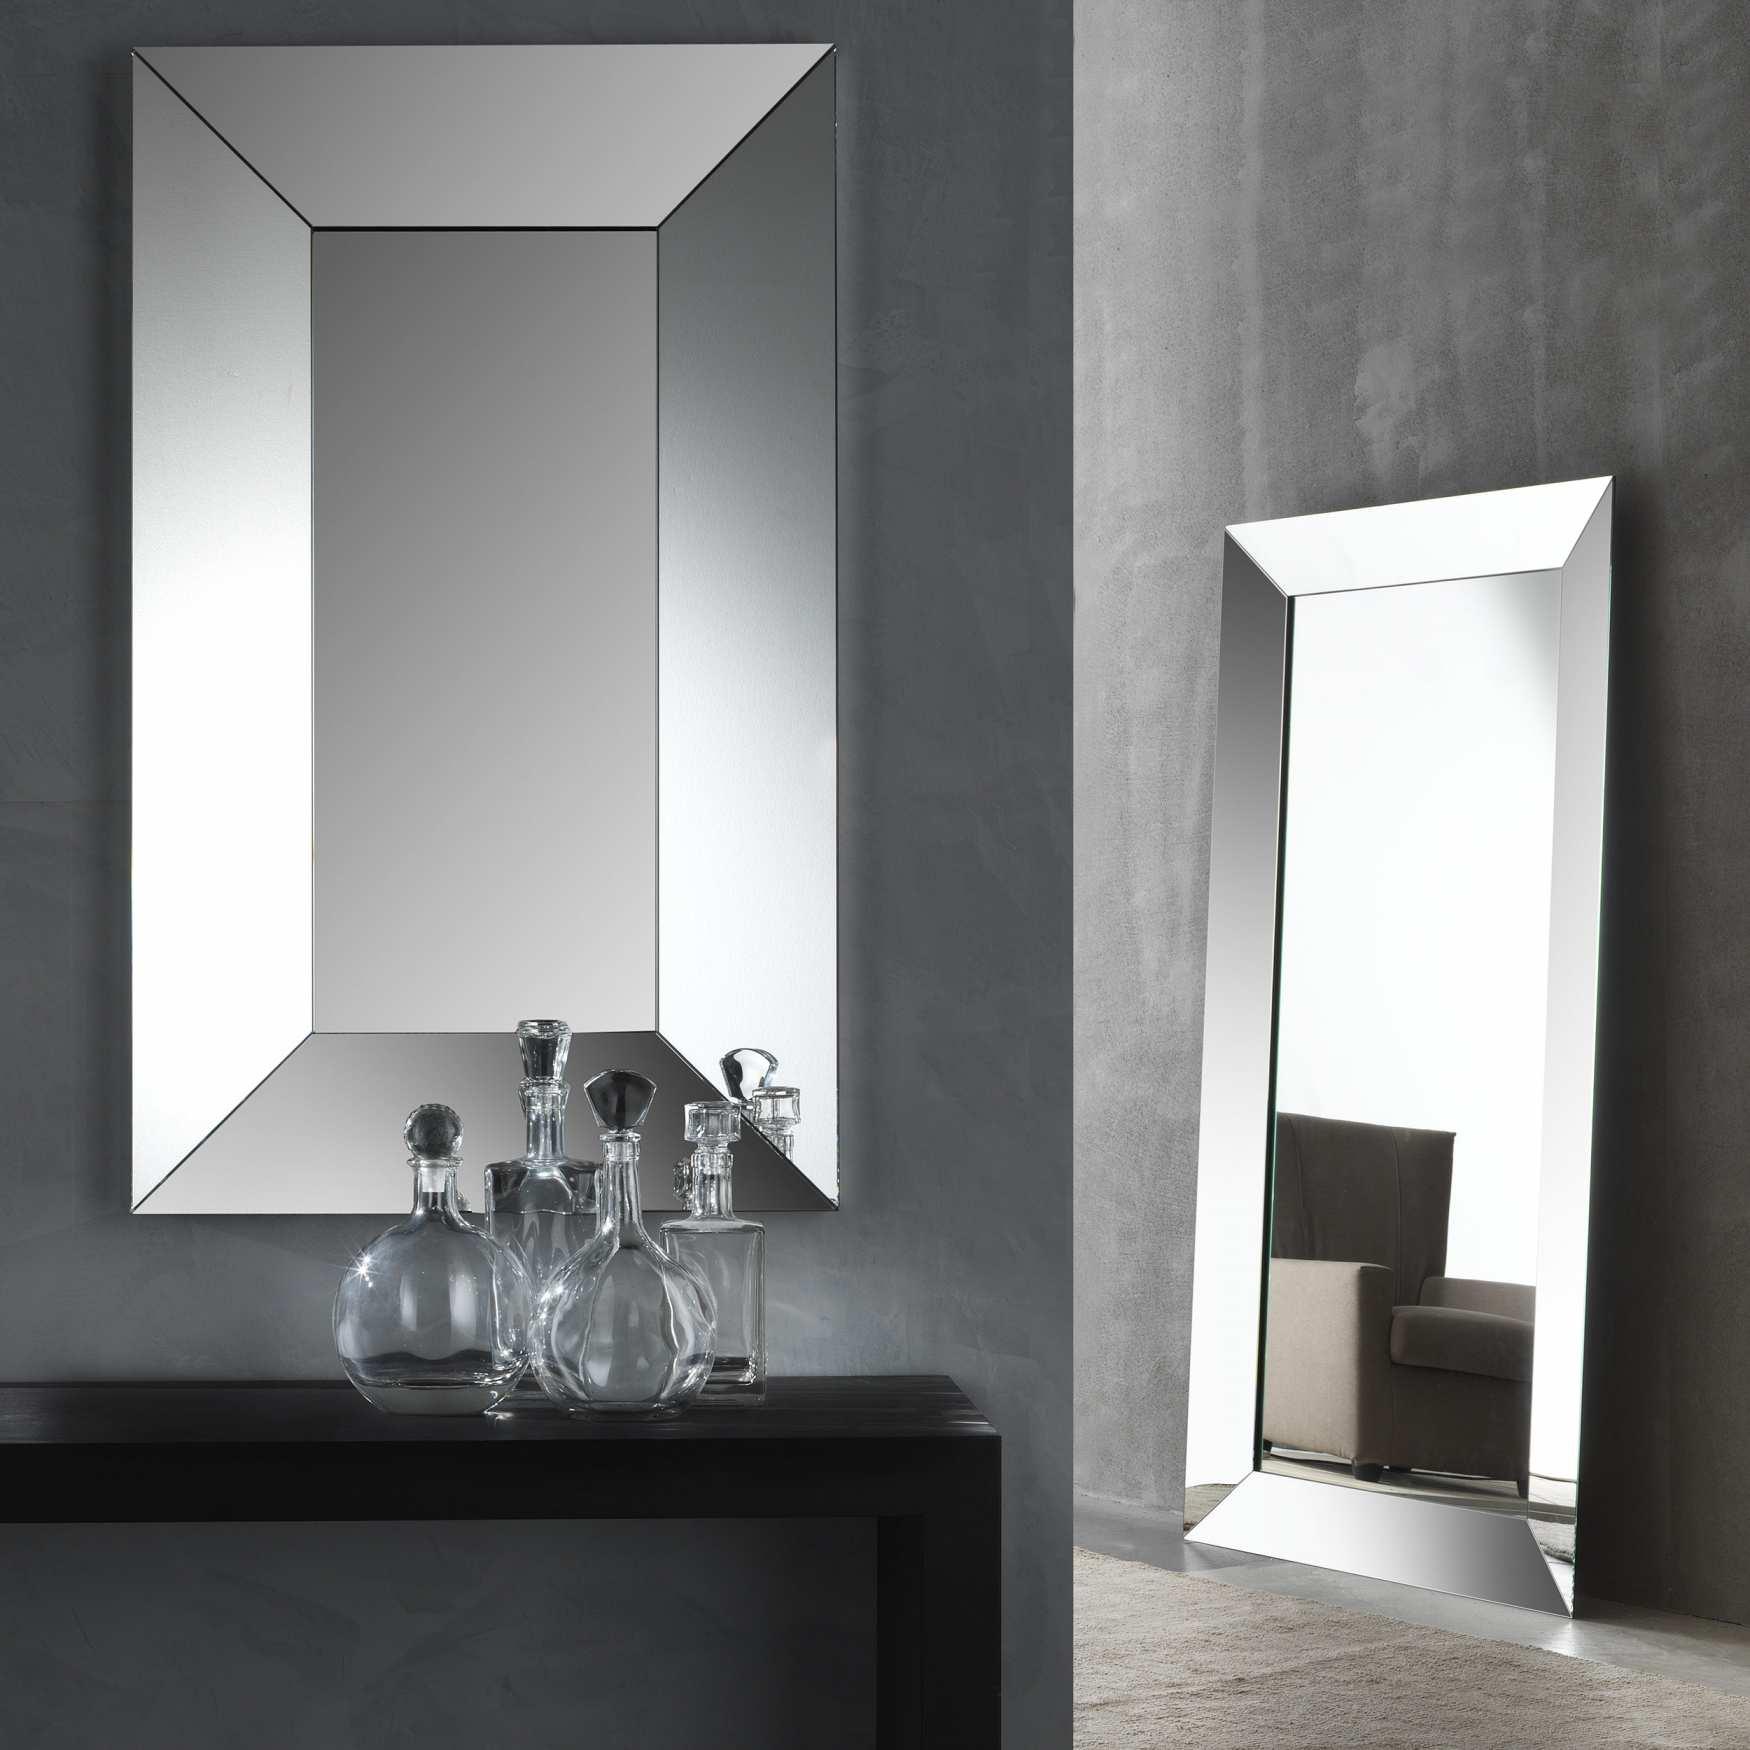 Specchio moderno luxor milanomondo - Mobili a specchio ...